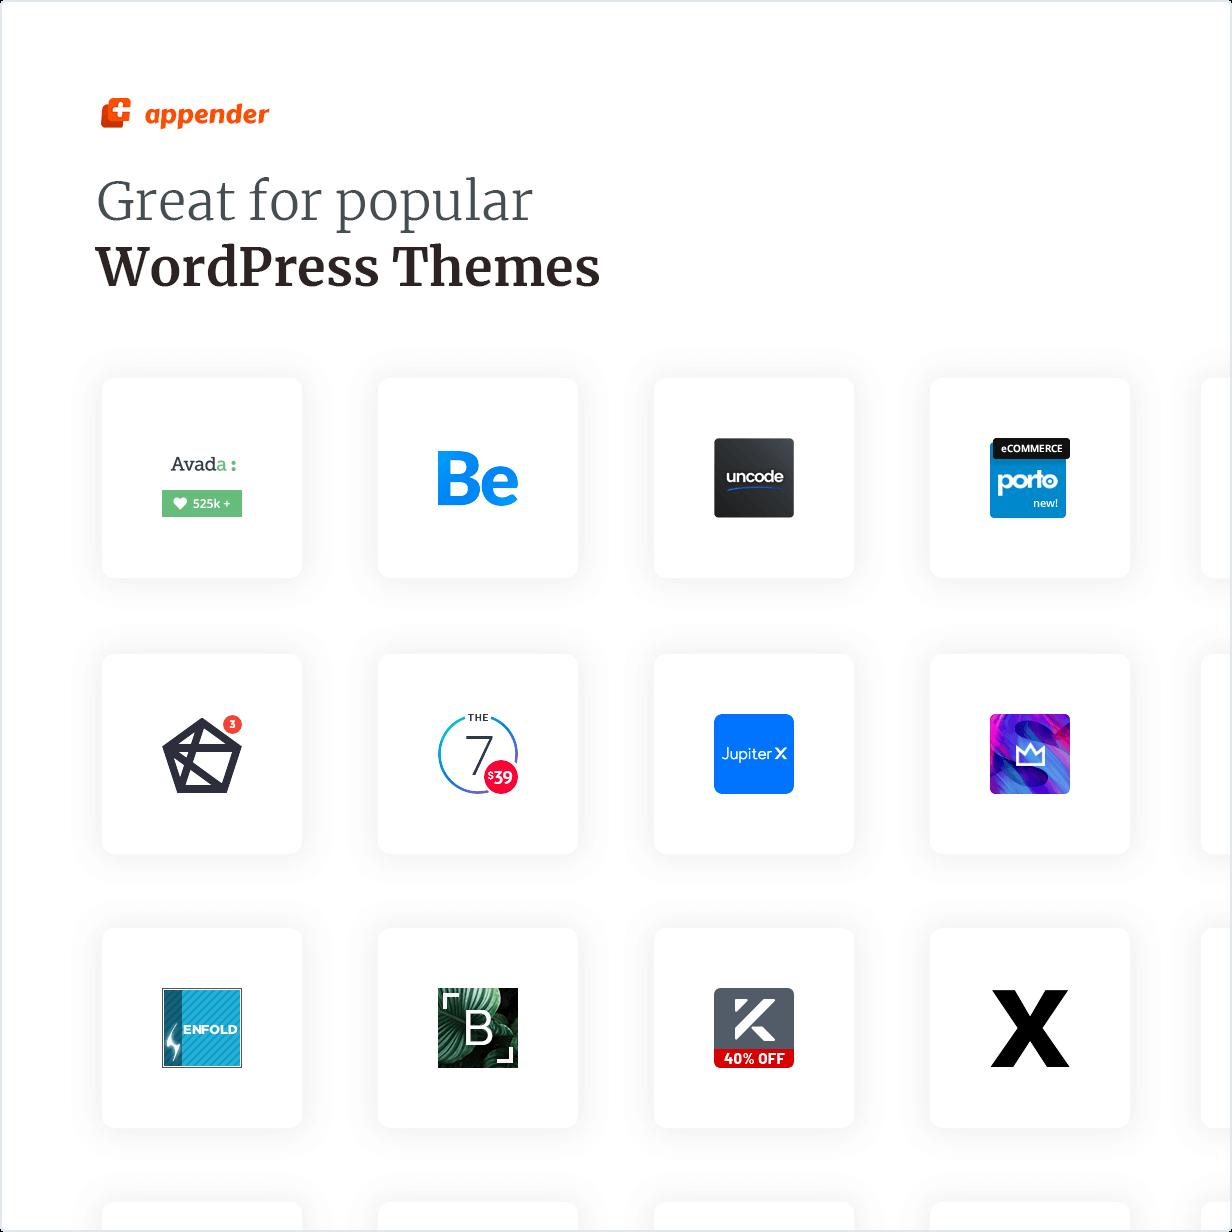 Sangat bagus untuk tema WordPress populer